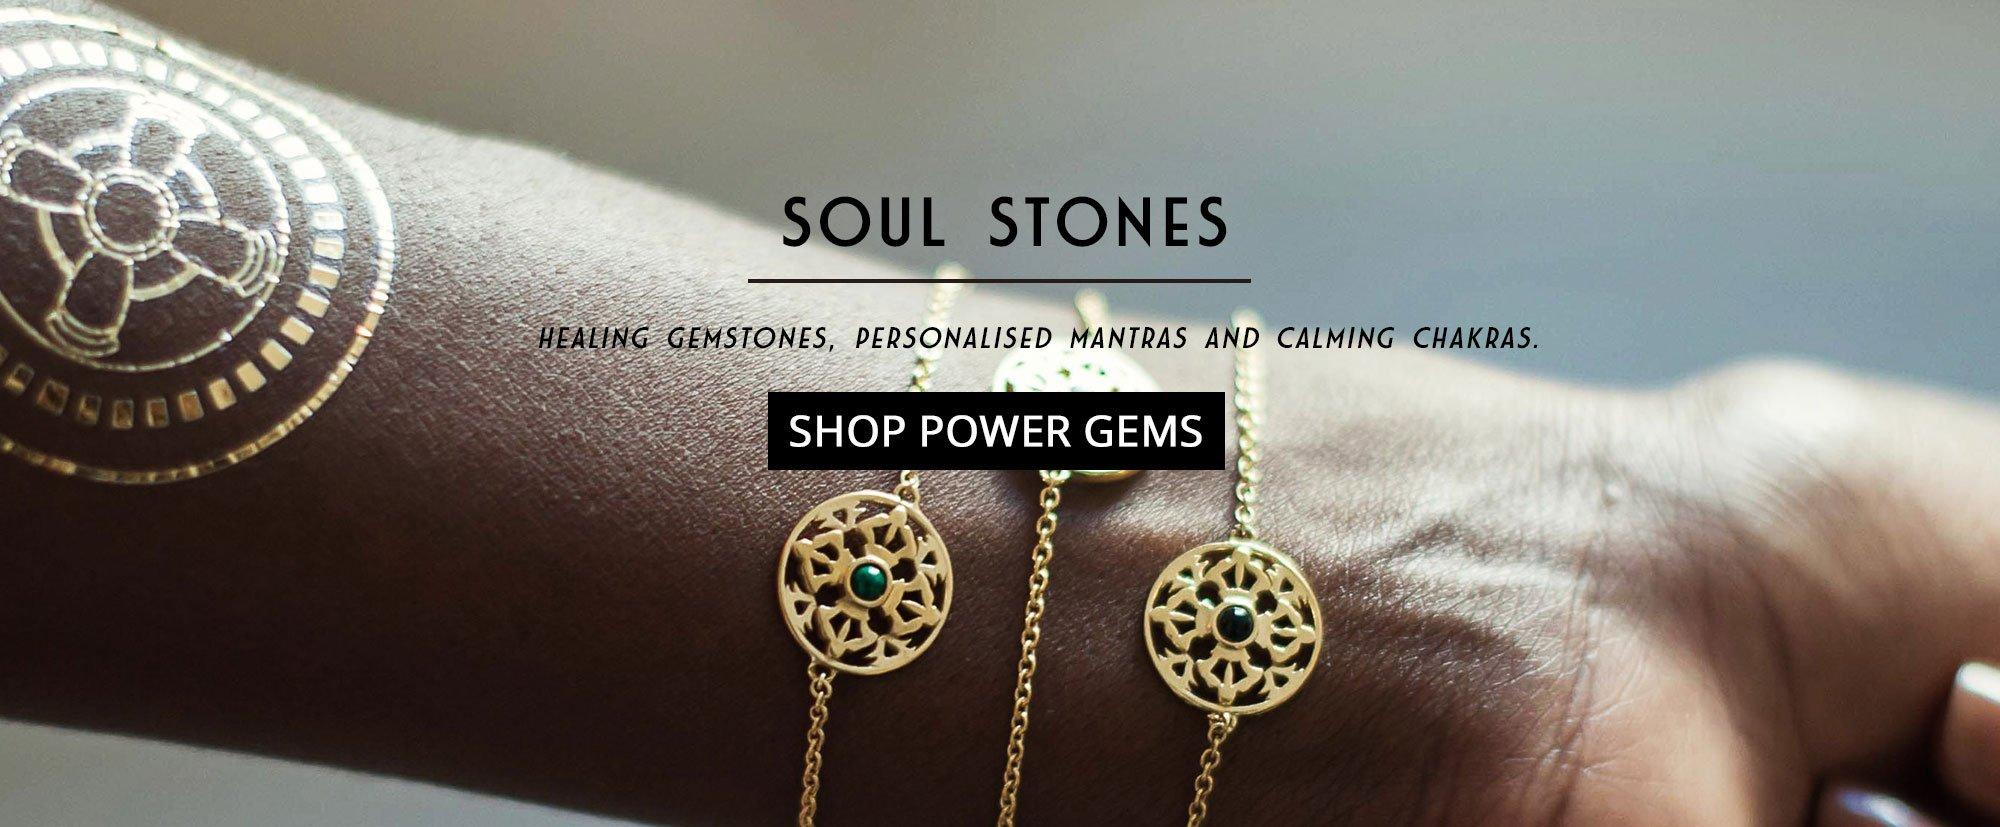 Shop Soul Stones